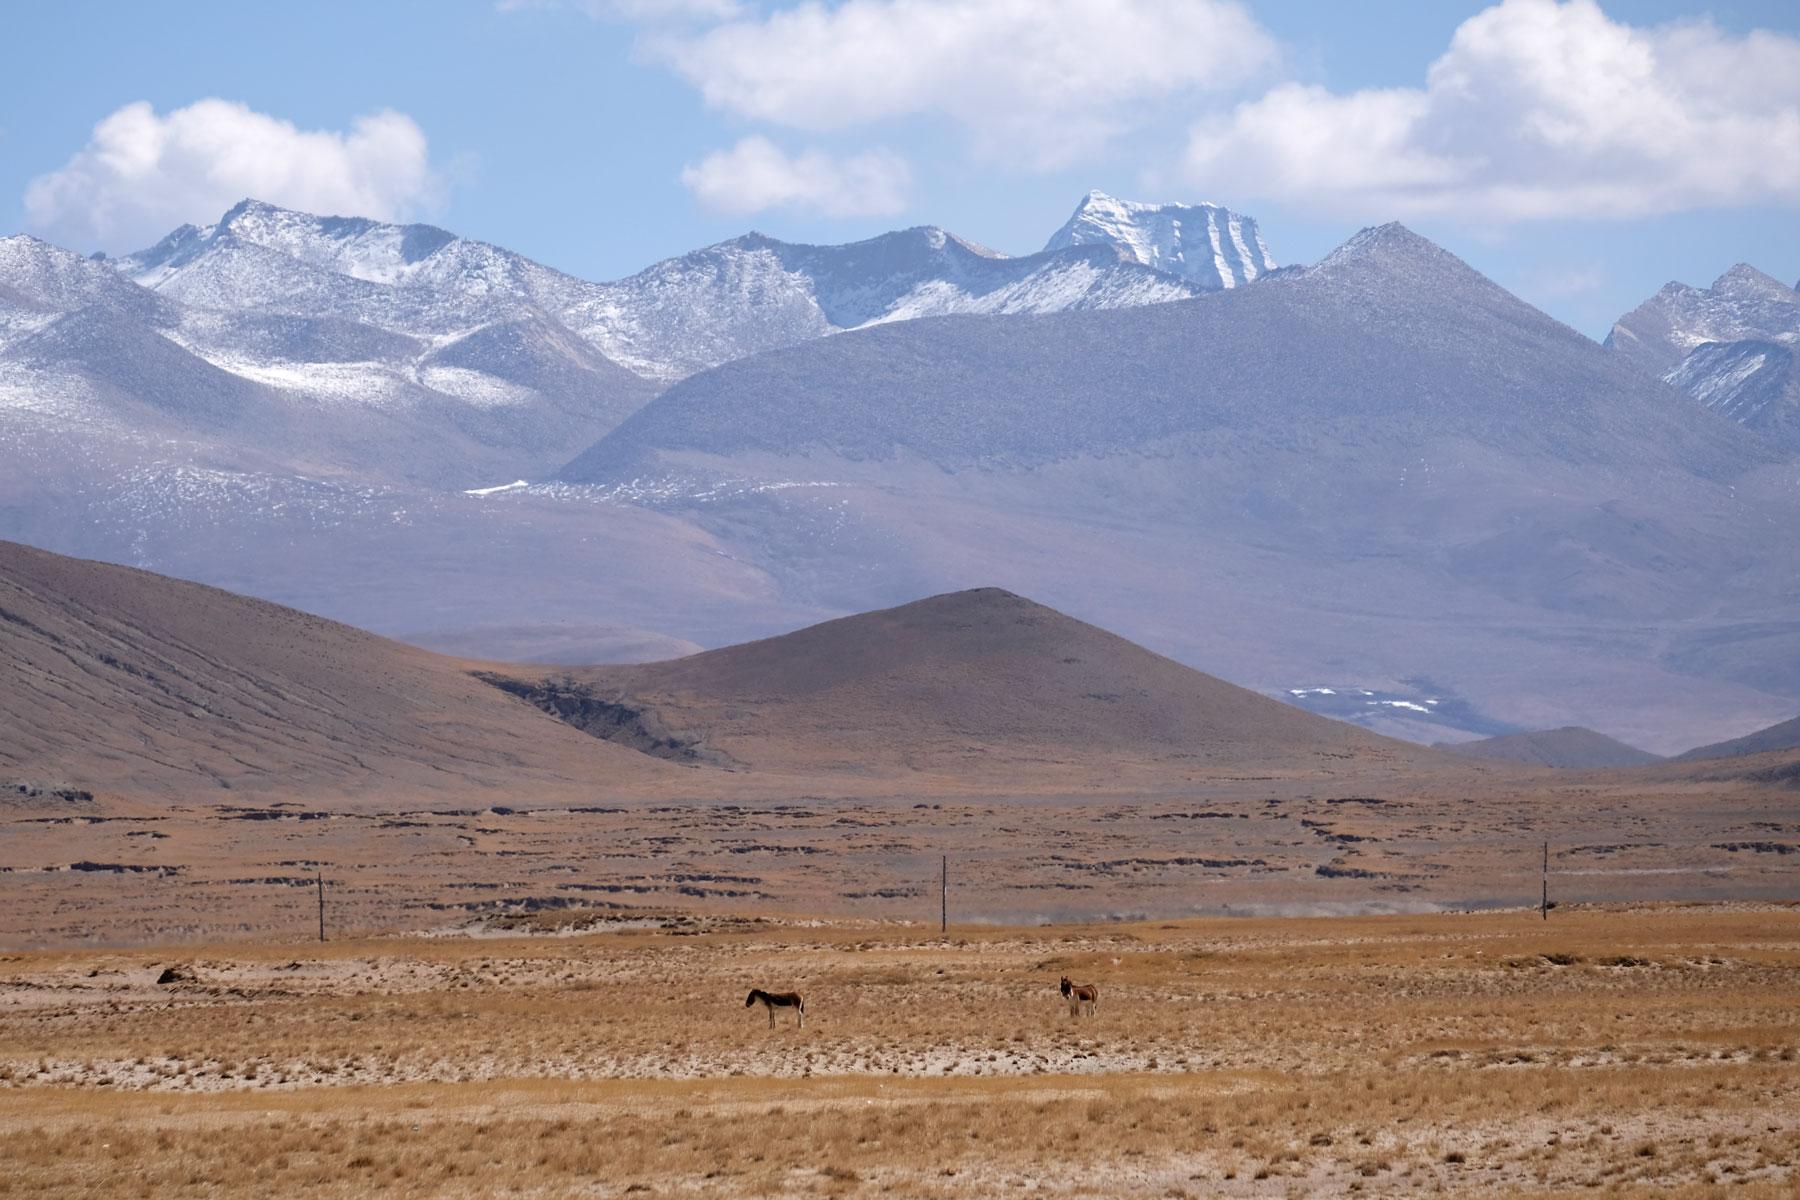 Zwei Tibet-Wildesel grasen vor den Bergen des tibetischen Plateaus.